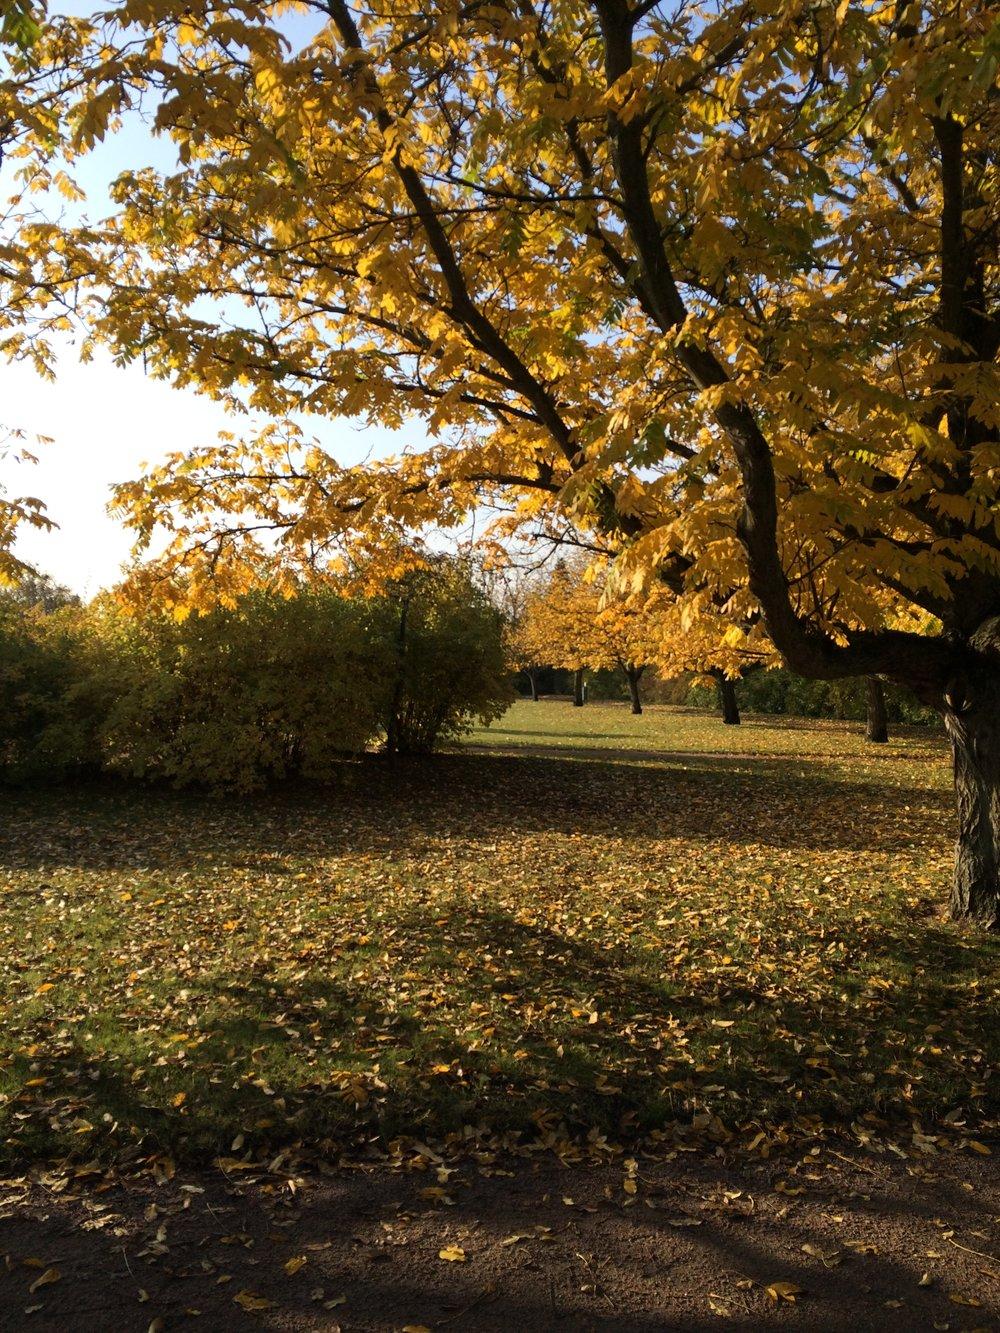 Gult är inte fult men hösten blir aldrig så fin på bild som i verkligheten.